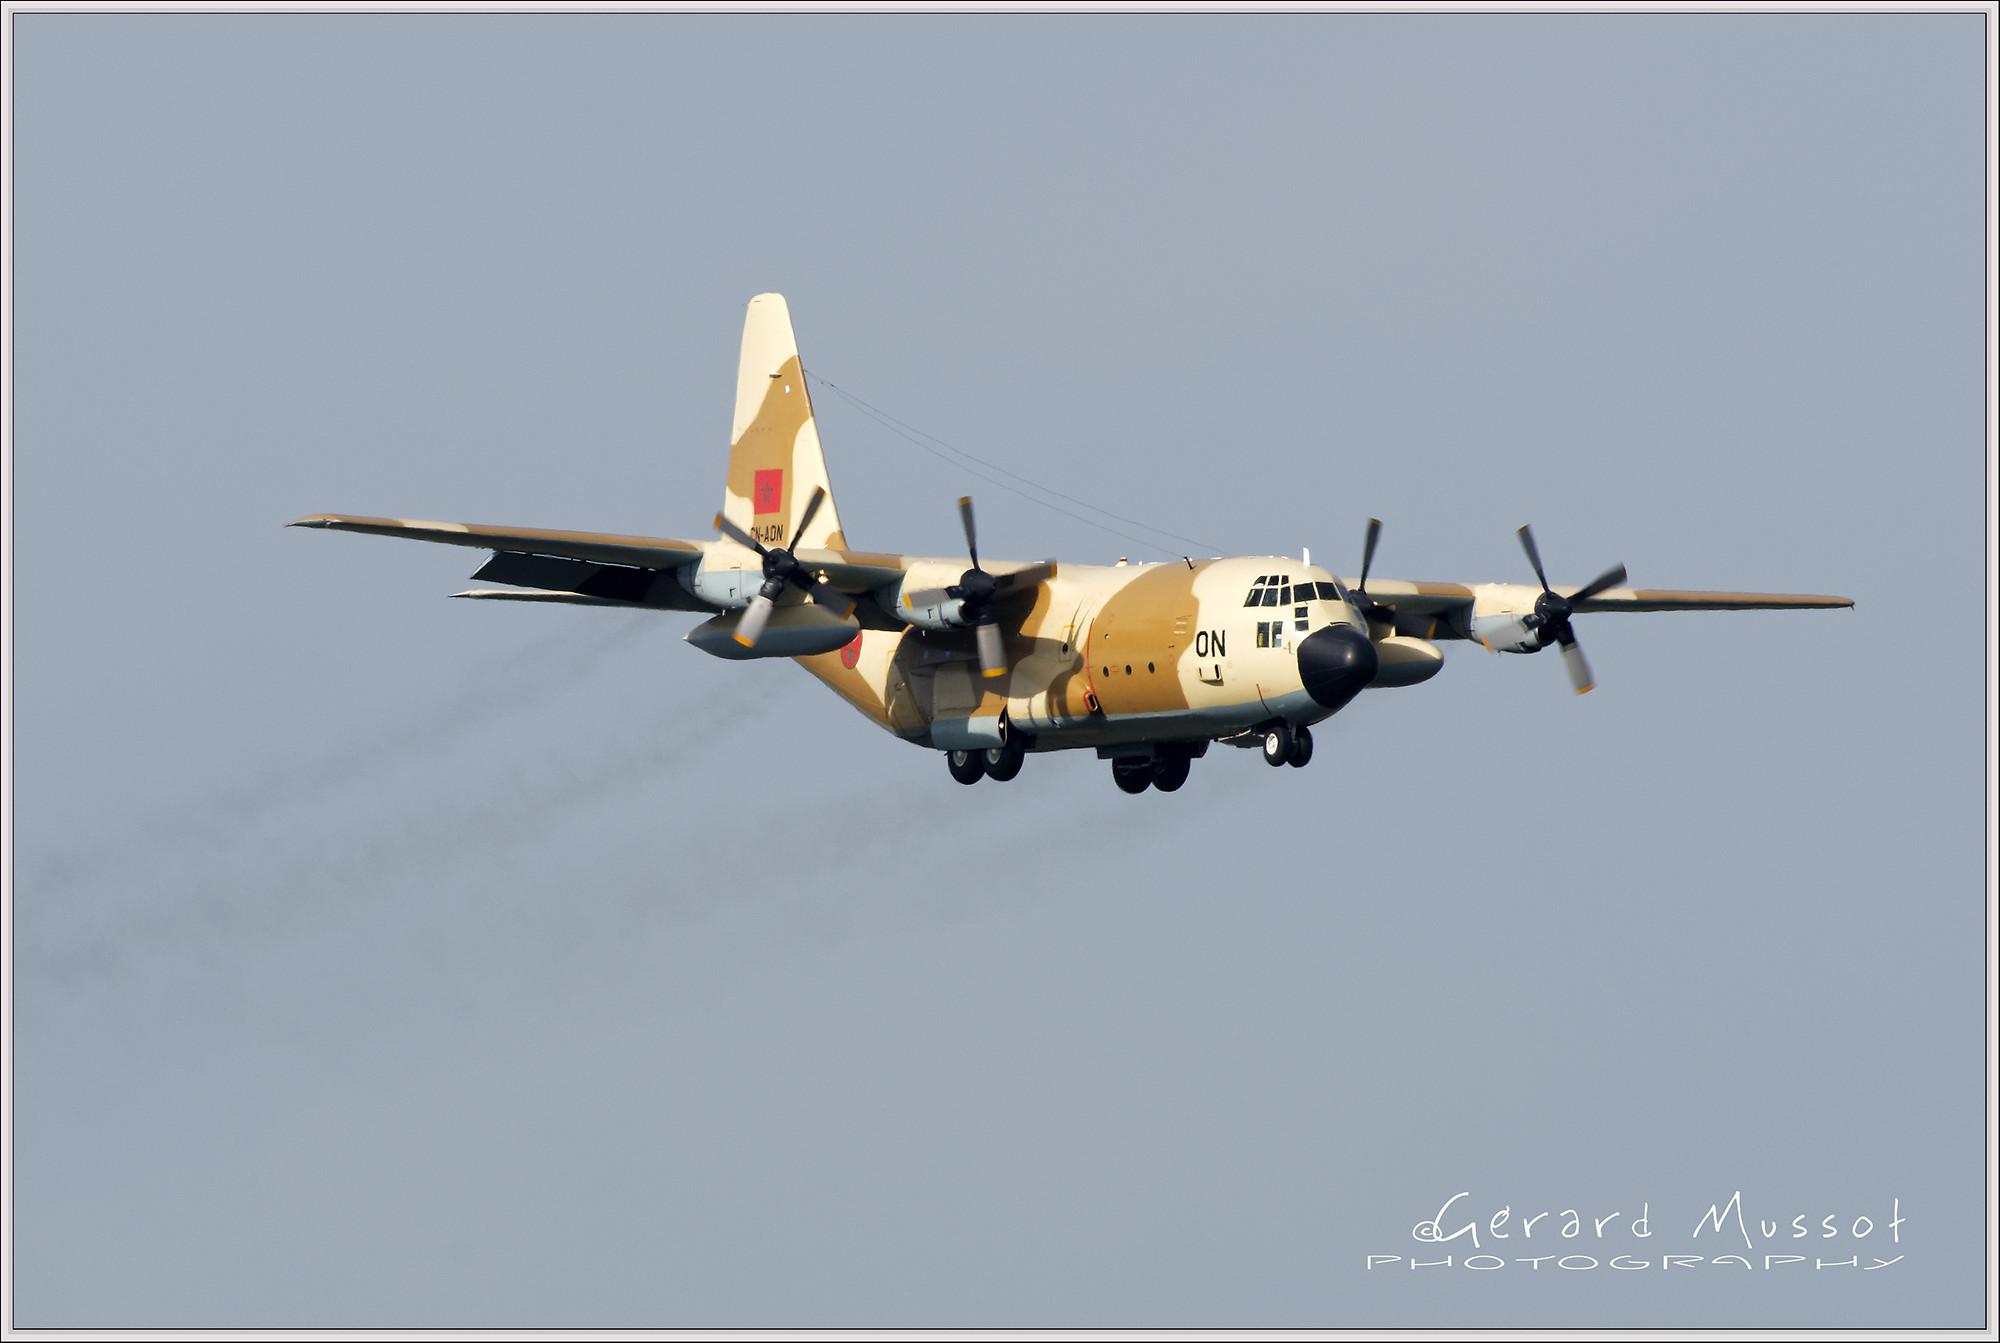 FRA: Photos d'avions de transport - Page 41 50517786671_6446074967_k